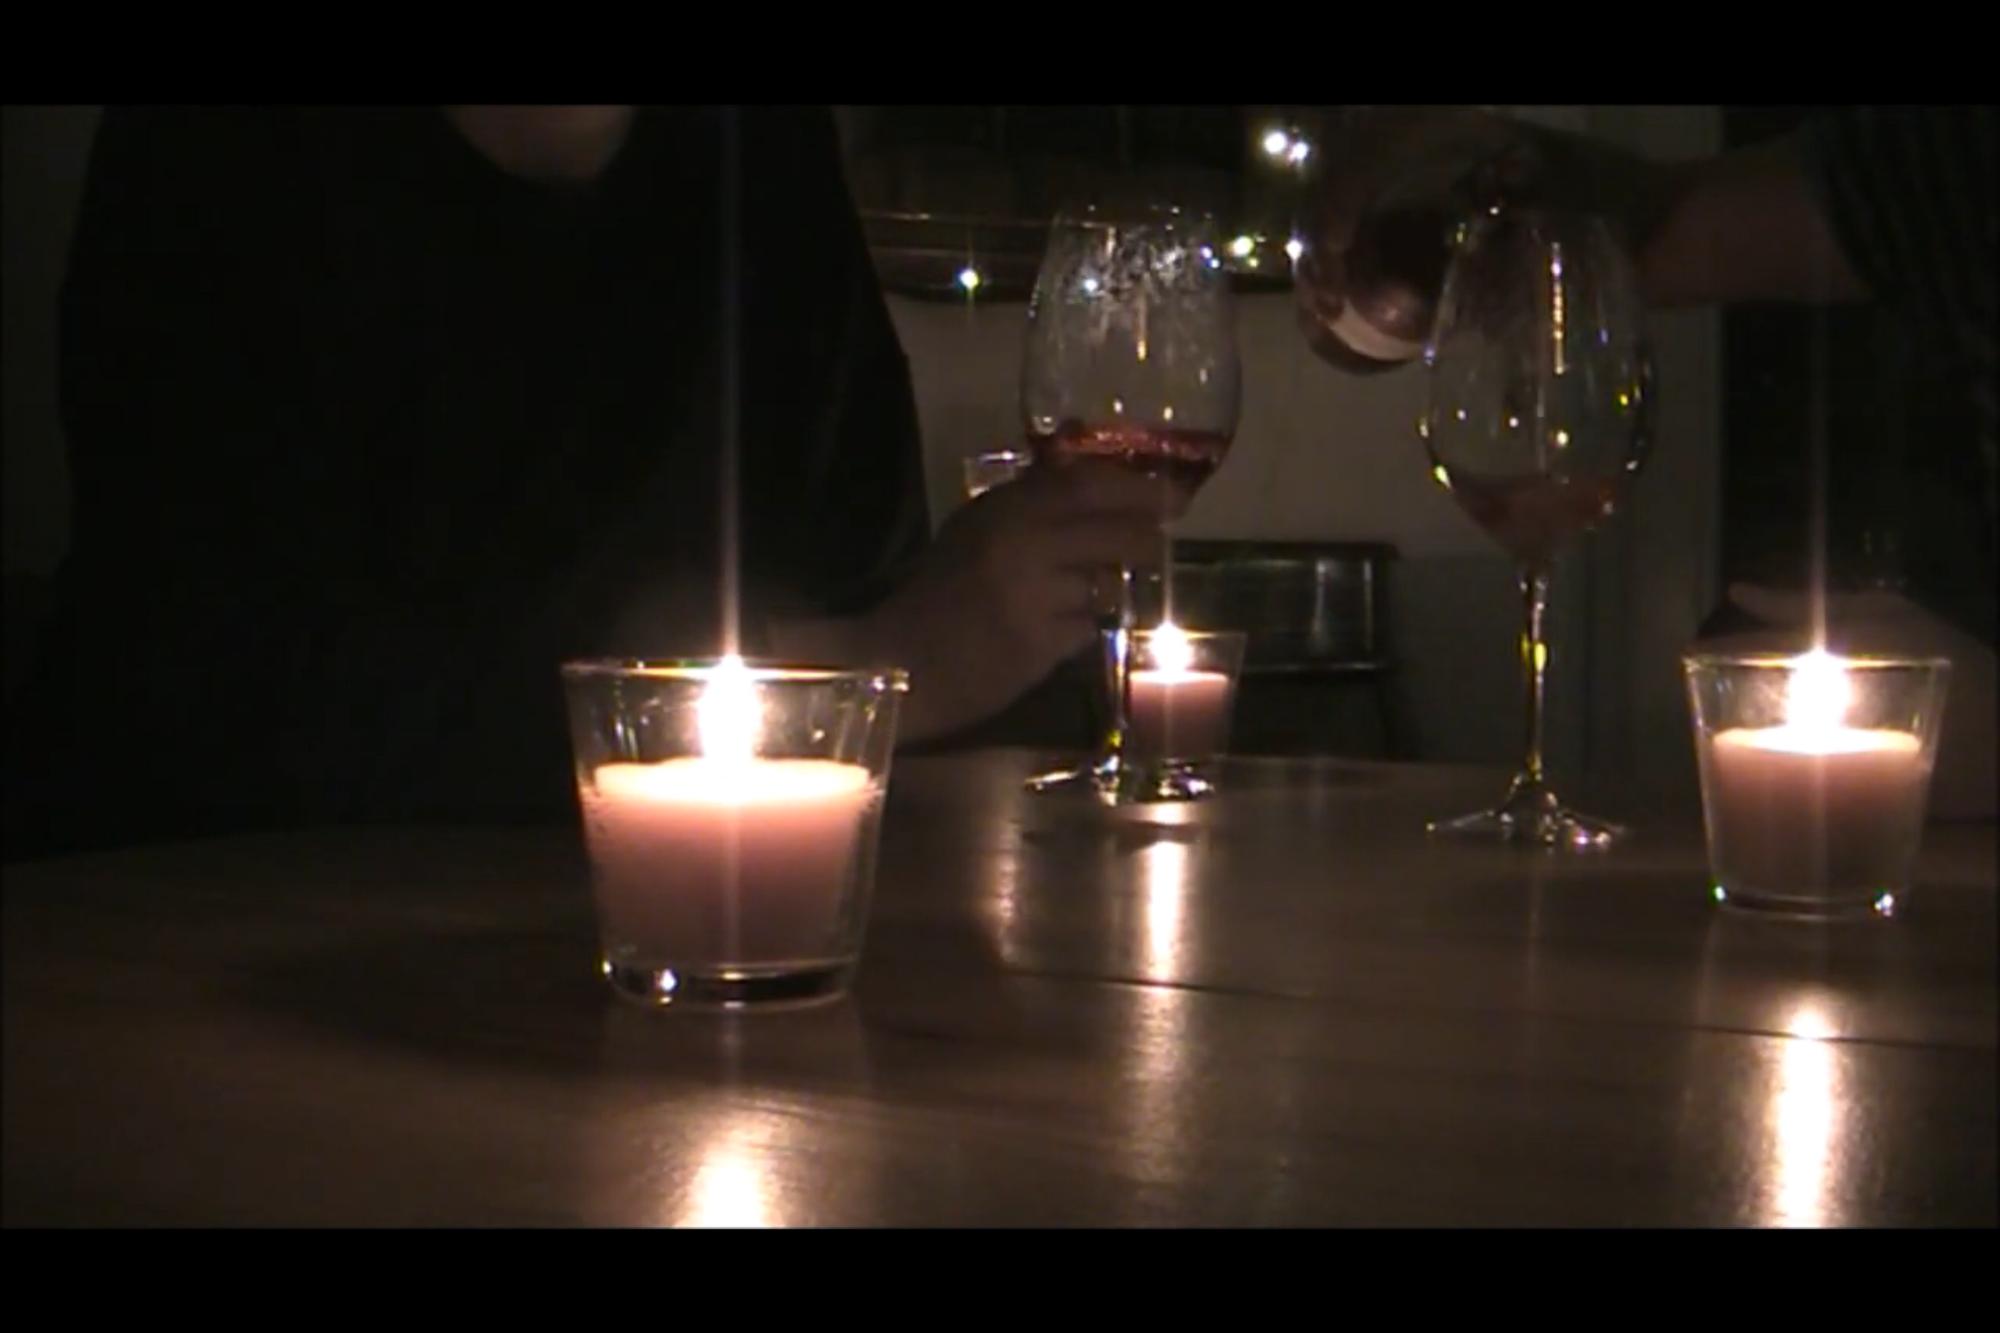 Zwei Gläser Wein - Video